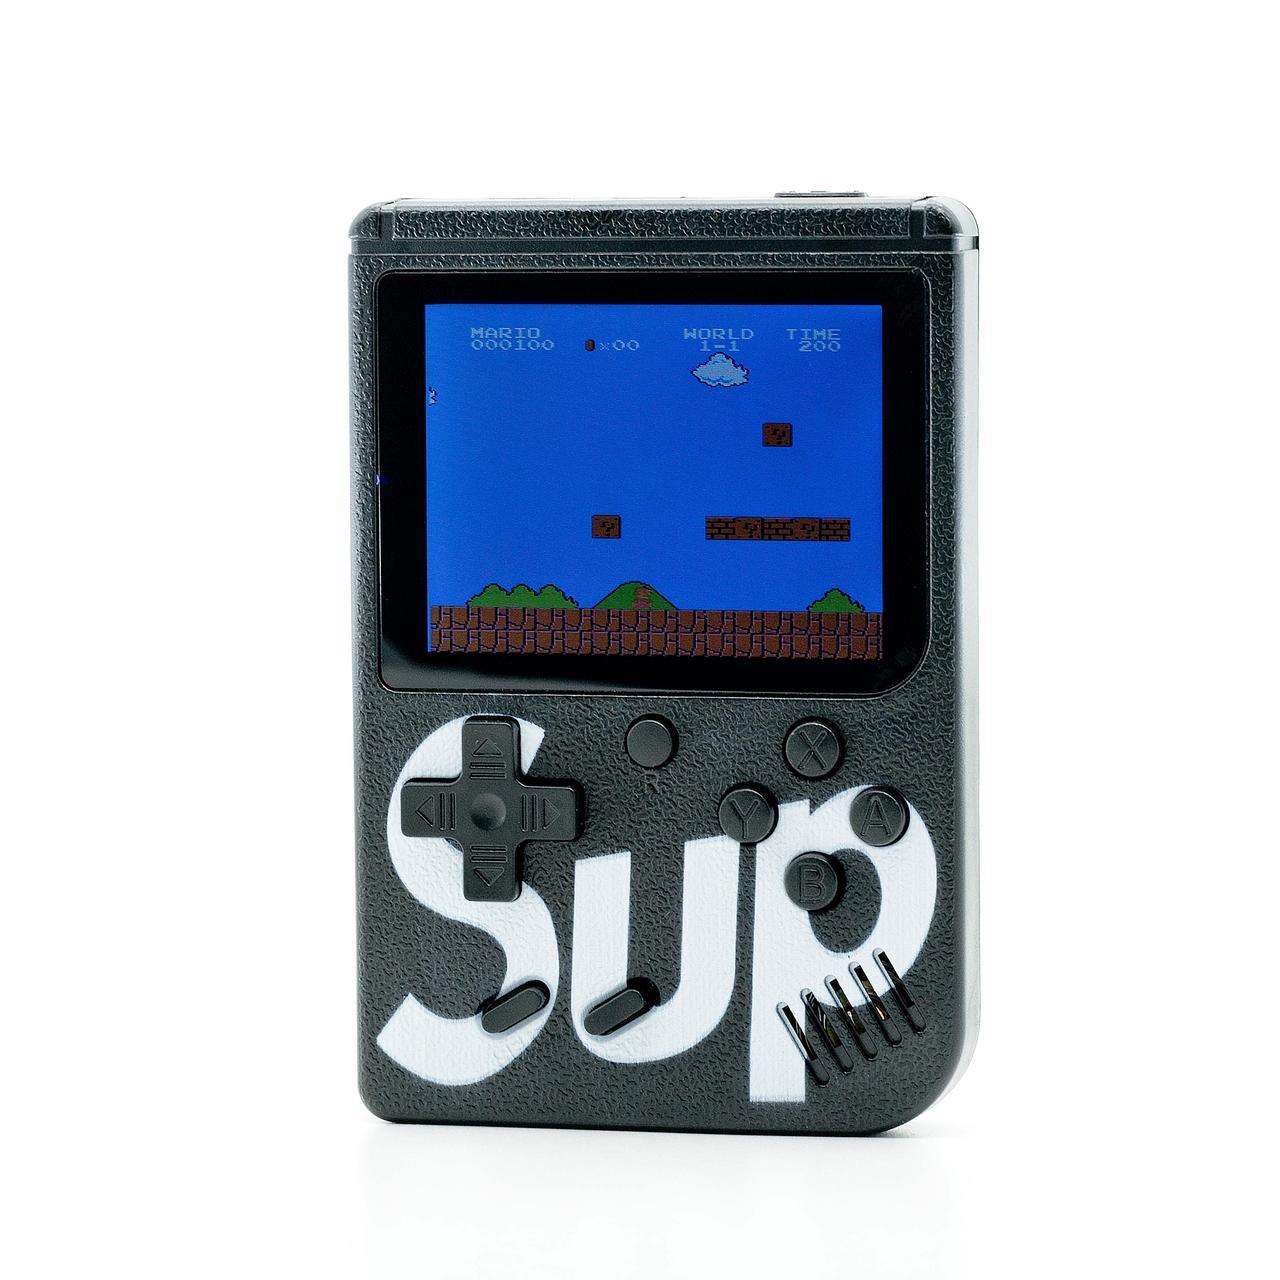 Игровая консоль Sup game box 400 в 1